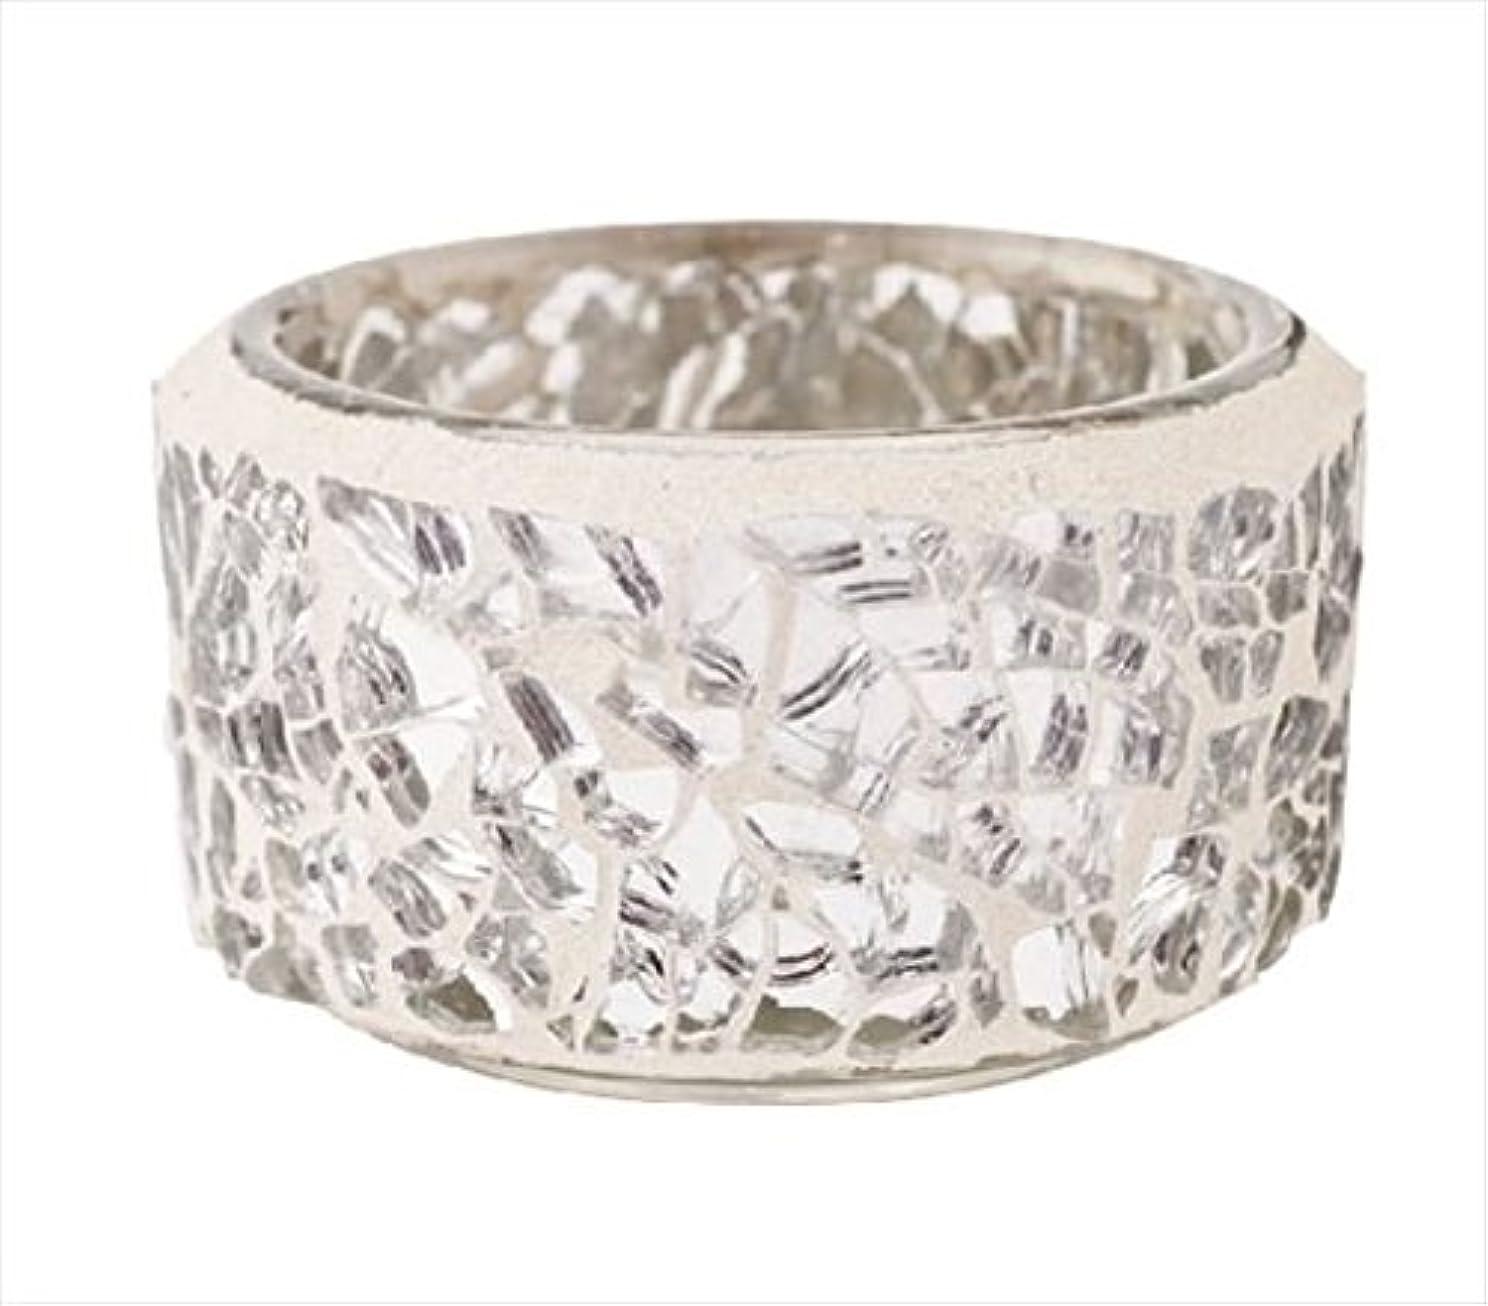 尊敬ソーセージ状況kameyama candle(カメヤマキャンドル) ダイヤモンドクラック(J5530000)